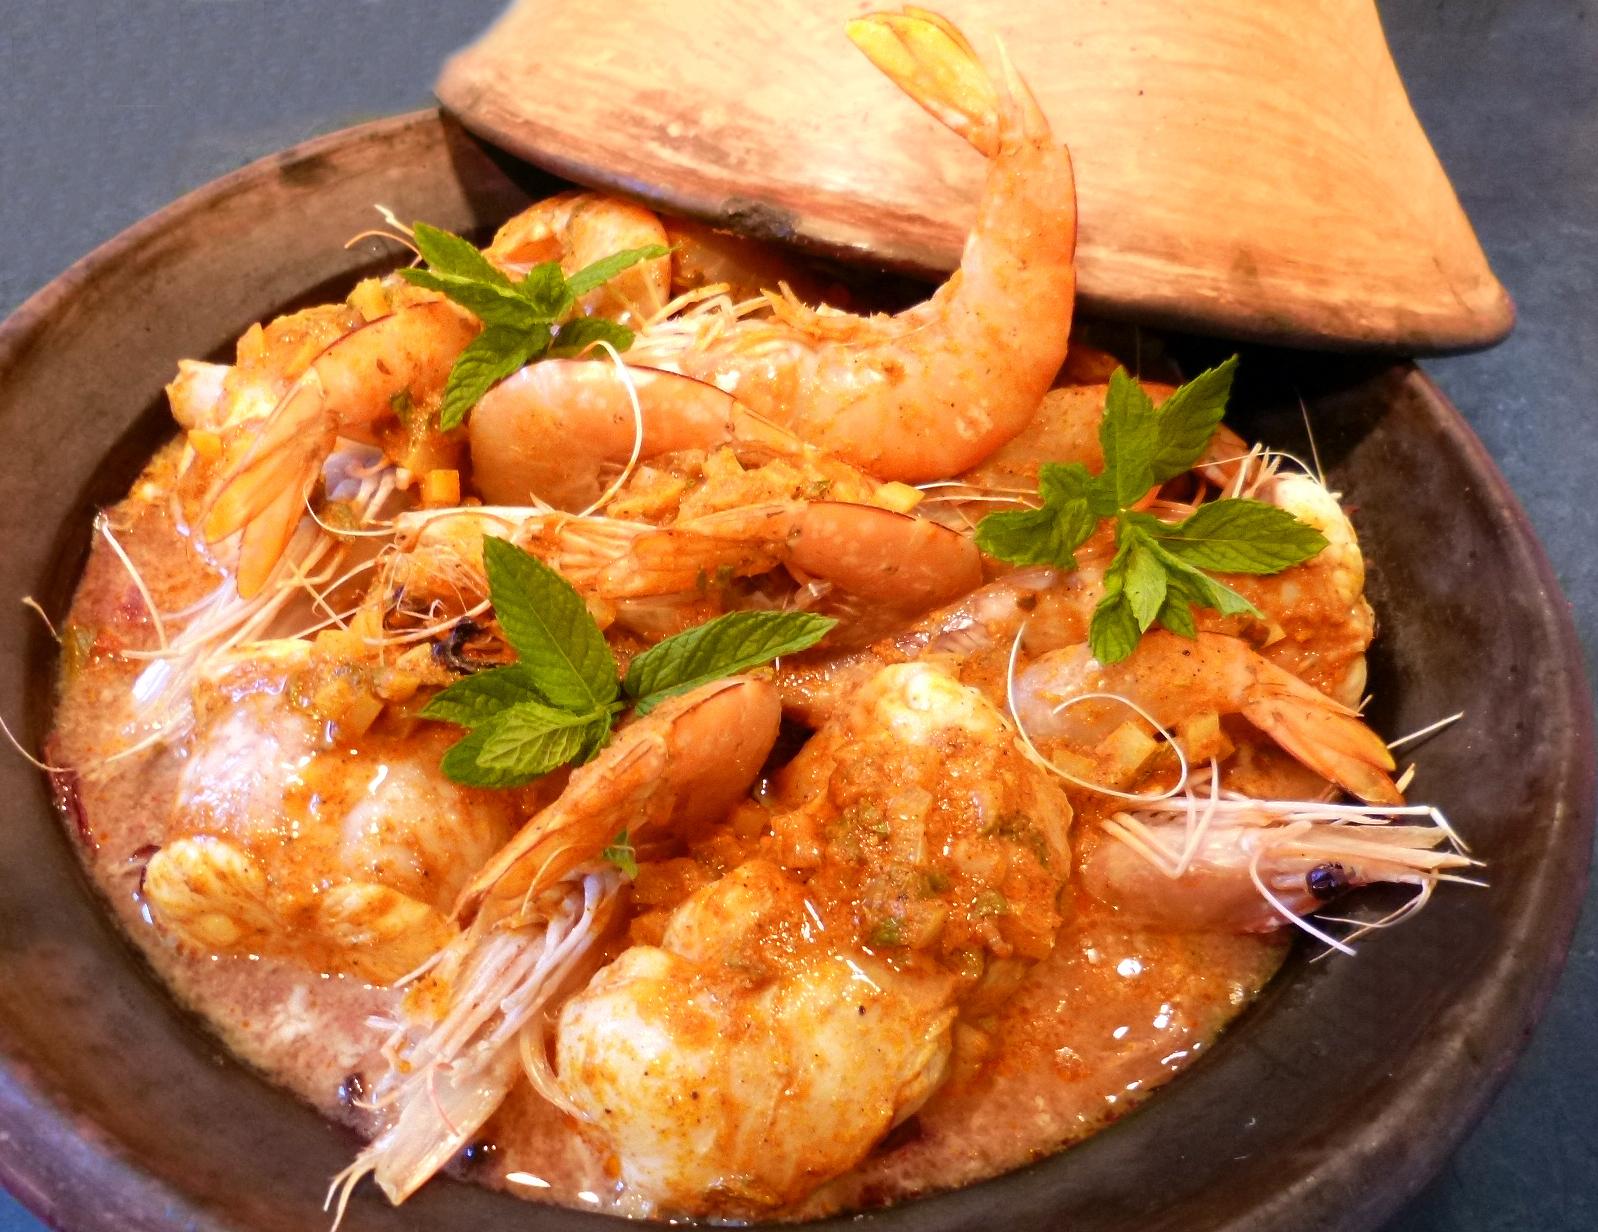 Tajine de lotte et gambas au curry la recette facile par toqu s 2 cuisine - Plat a tajine pour induction ...